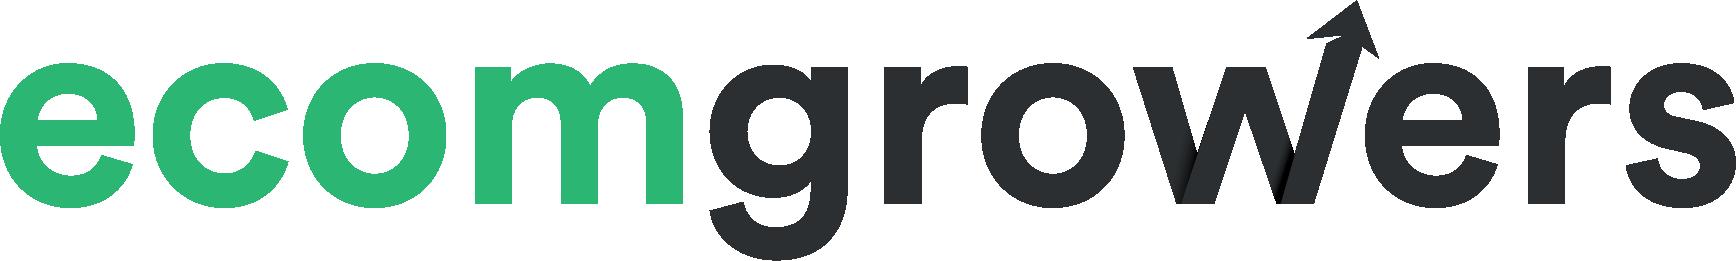 Transparent ecom growers logo